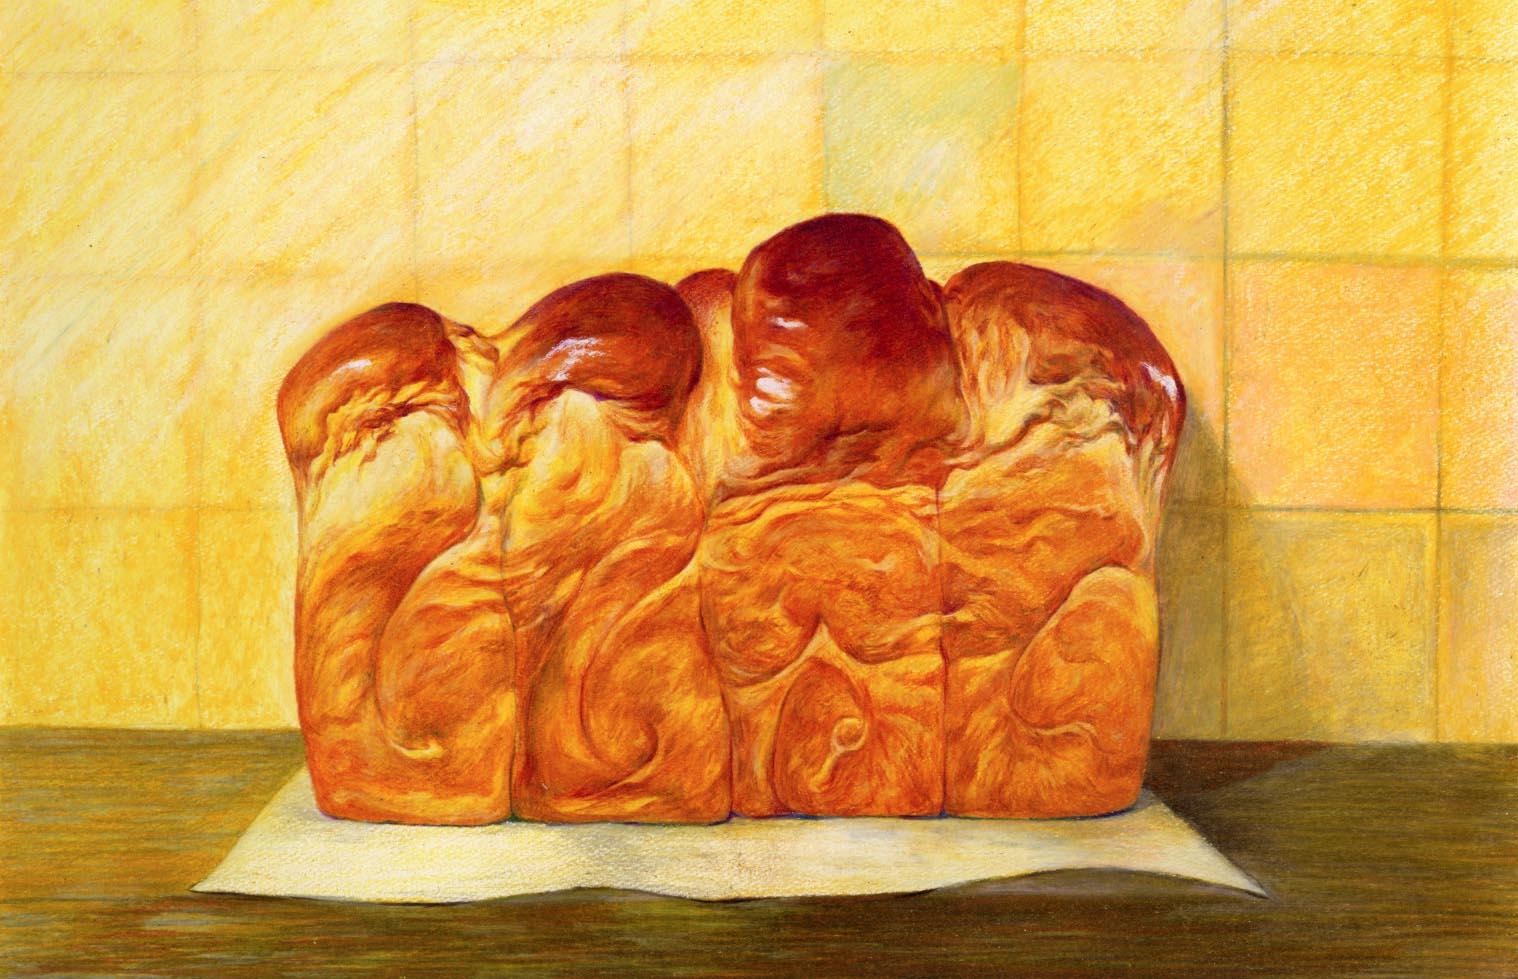 面包彩铅画手绘